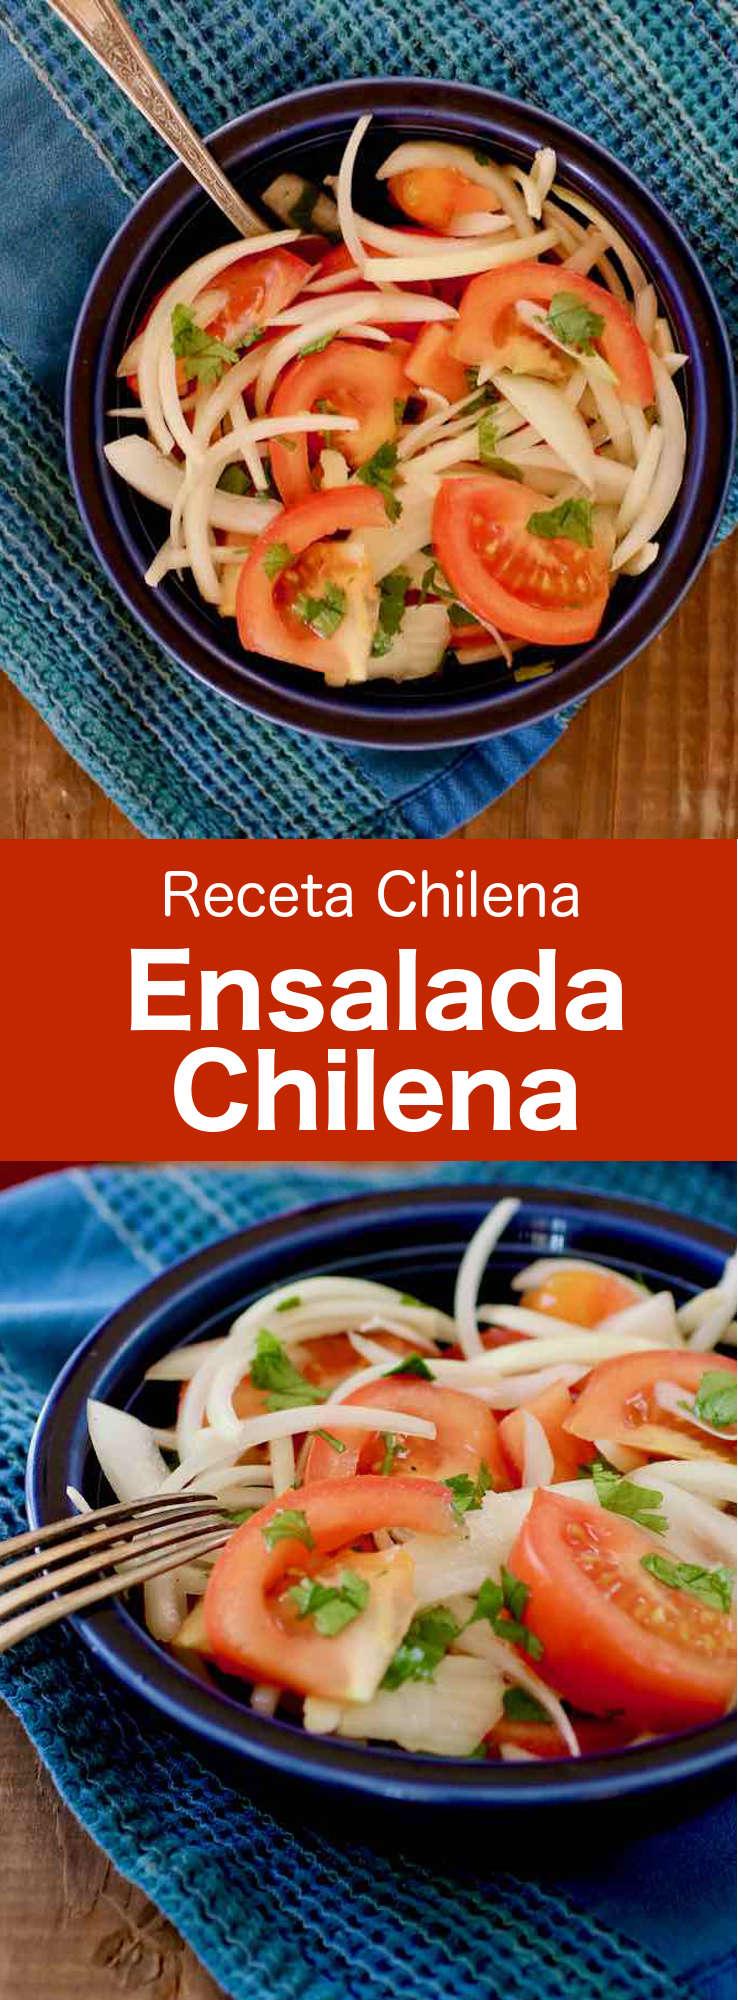 La ensalada chilena se prepara con rodajas de cebolla, rodajas de tomate y cilantro. A menudo se sirve con carnes a la parrilla, pescado o humitas.